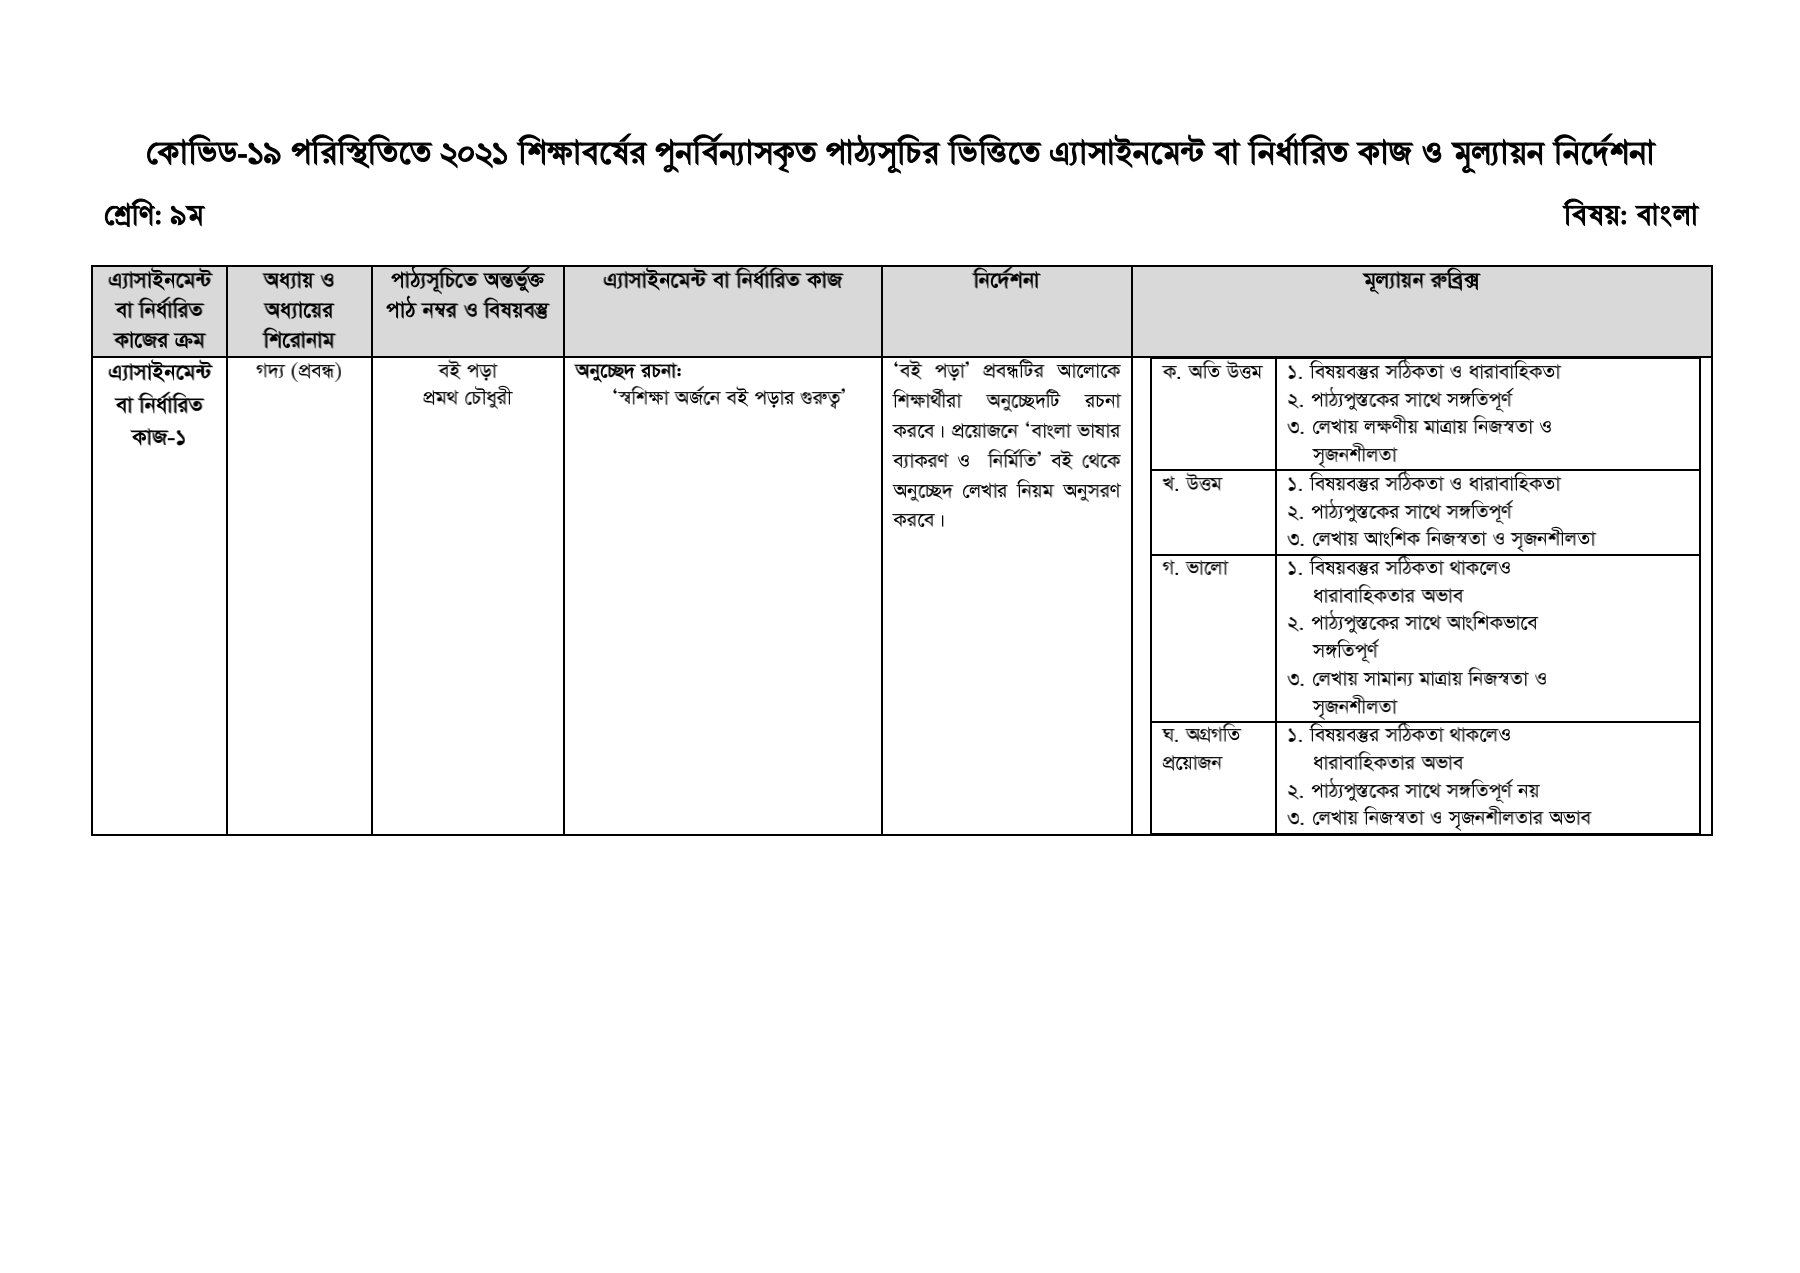 স্ব শিক্ষা অর্জনে বই পড়ার গুরুত্ব-নবম/৯ম শ্রেণির এসাইনমেন্ট উত্তর বাংলা (১ম) | Class 9 Bangla Assignment 2021Answer